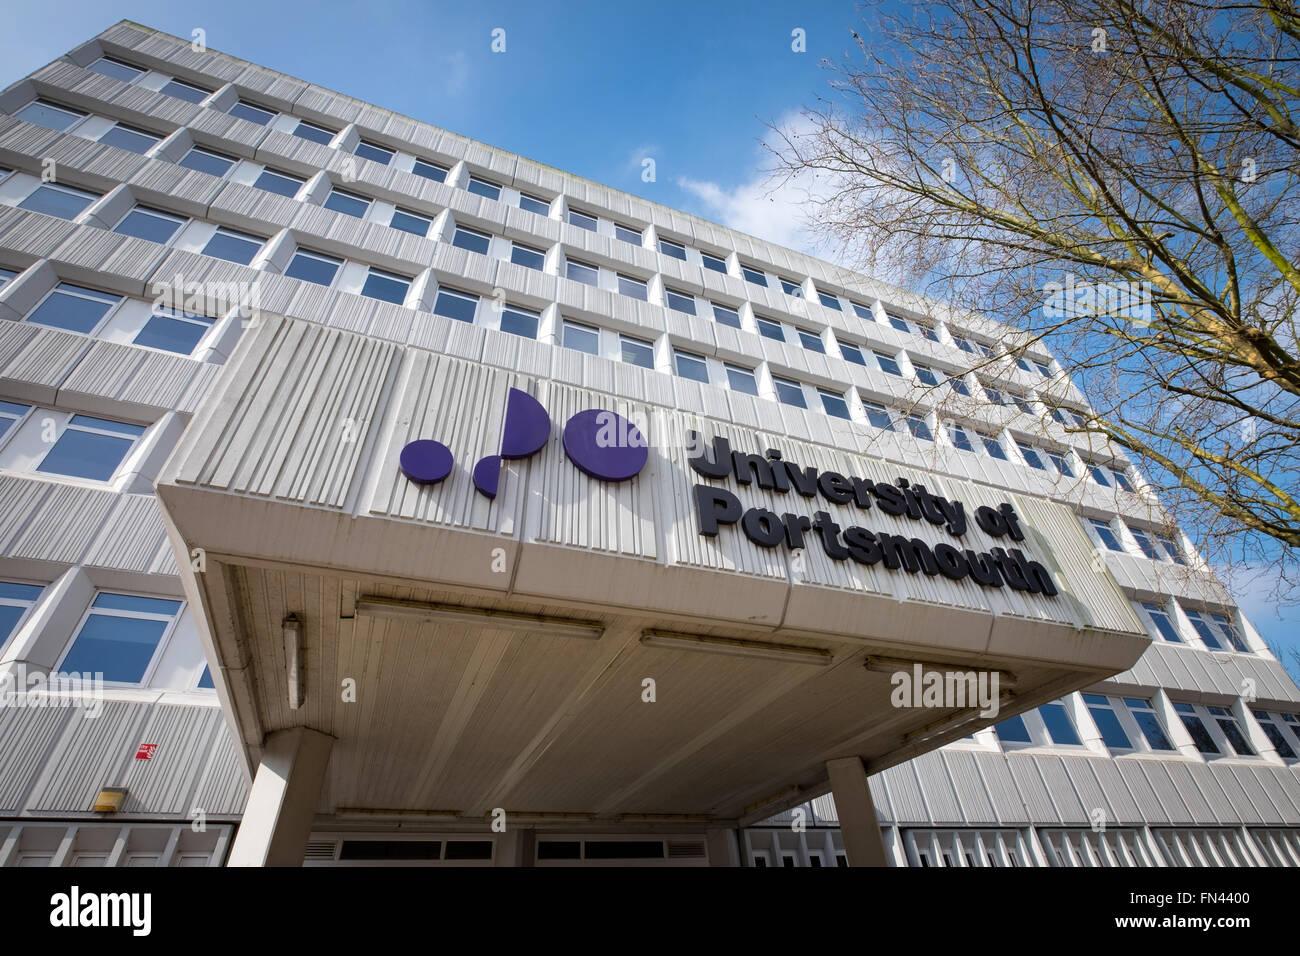 Exterior of Portsmouth University, Portsmouth, Hampshire, UK - Stock Image